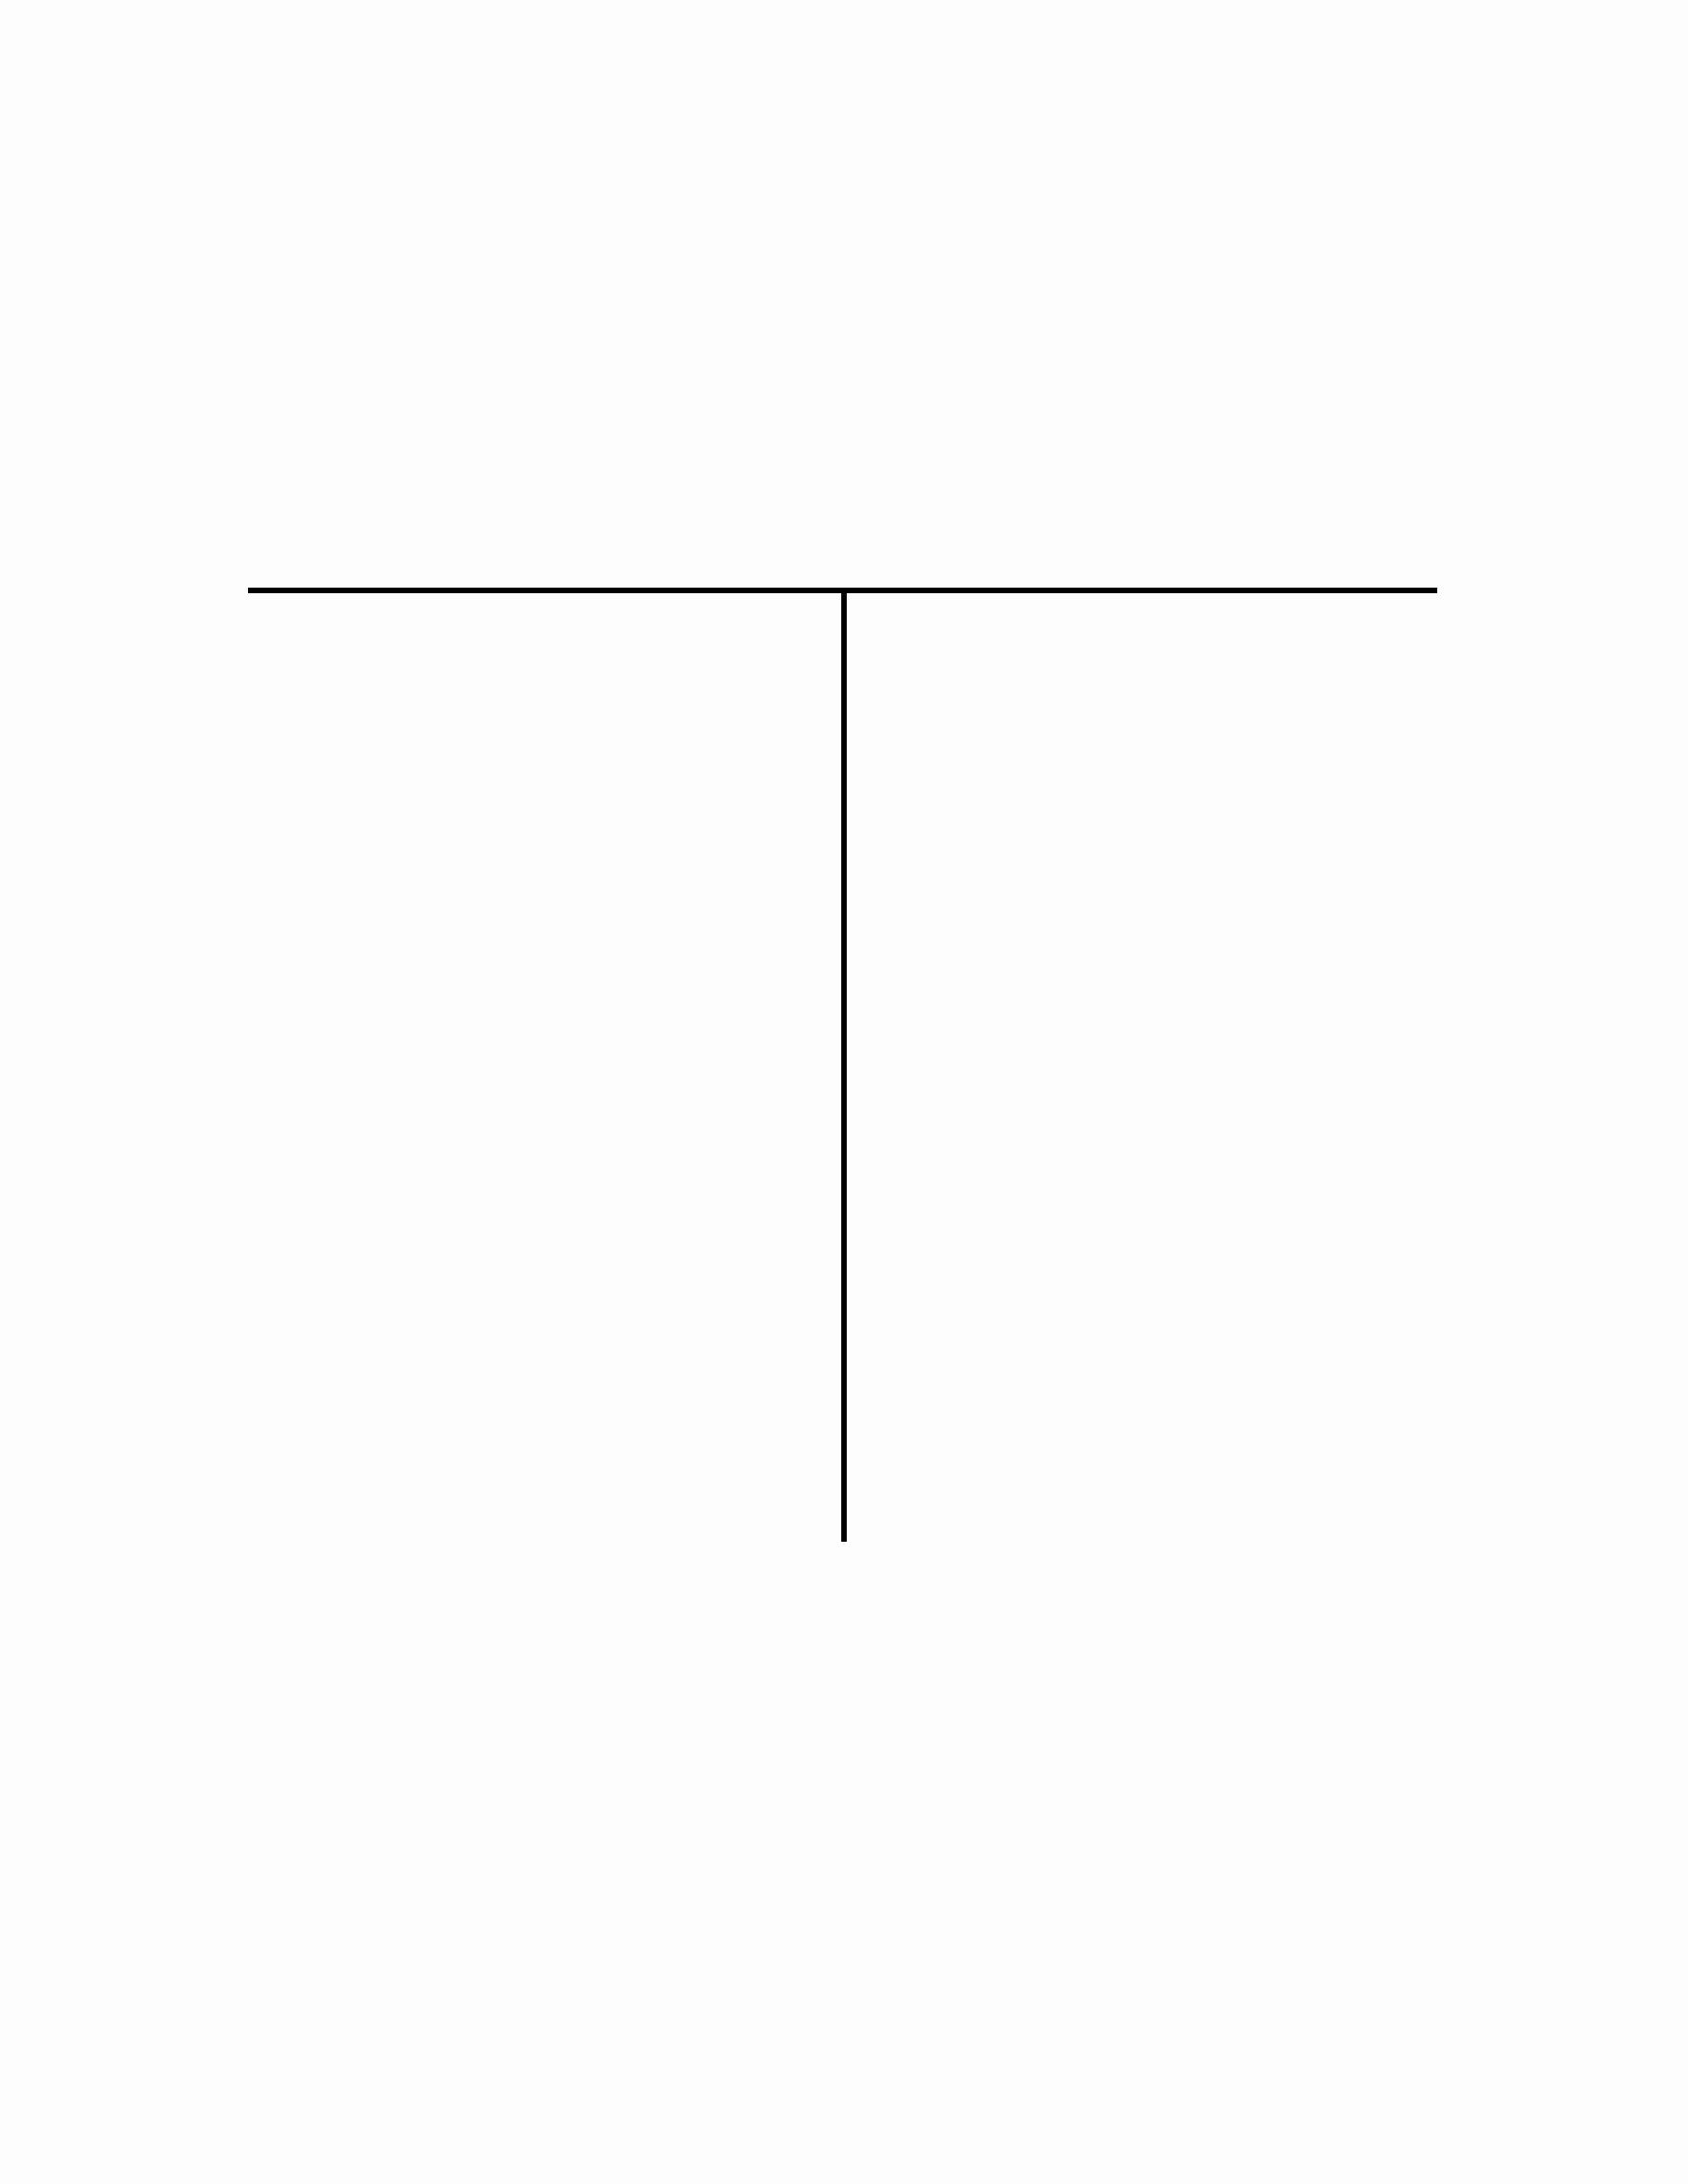 T Chart Template Pdf Elegant Blank T Chart Template Edit Fill Sign Line